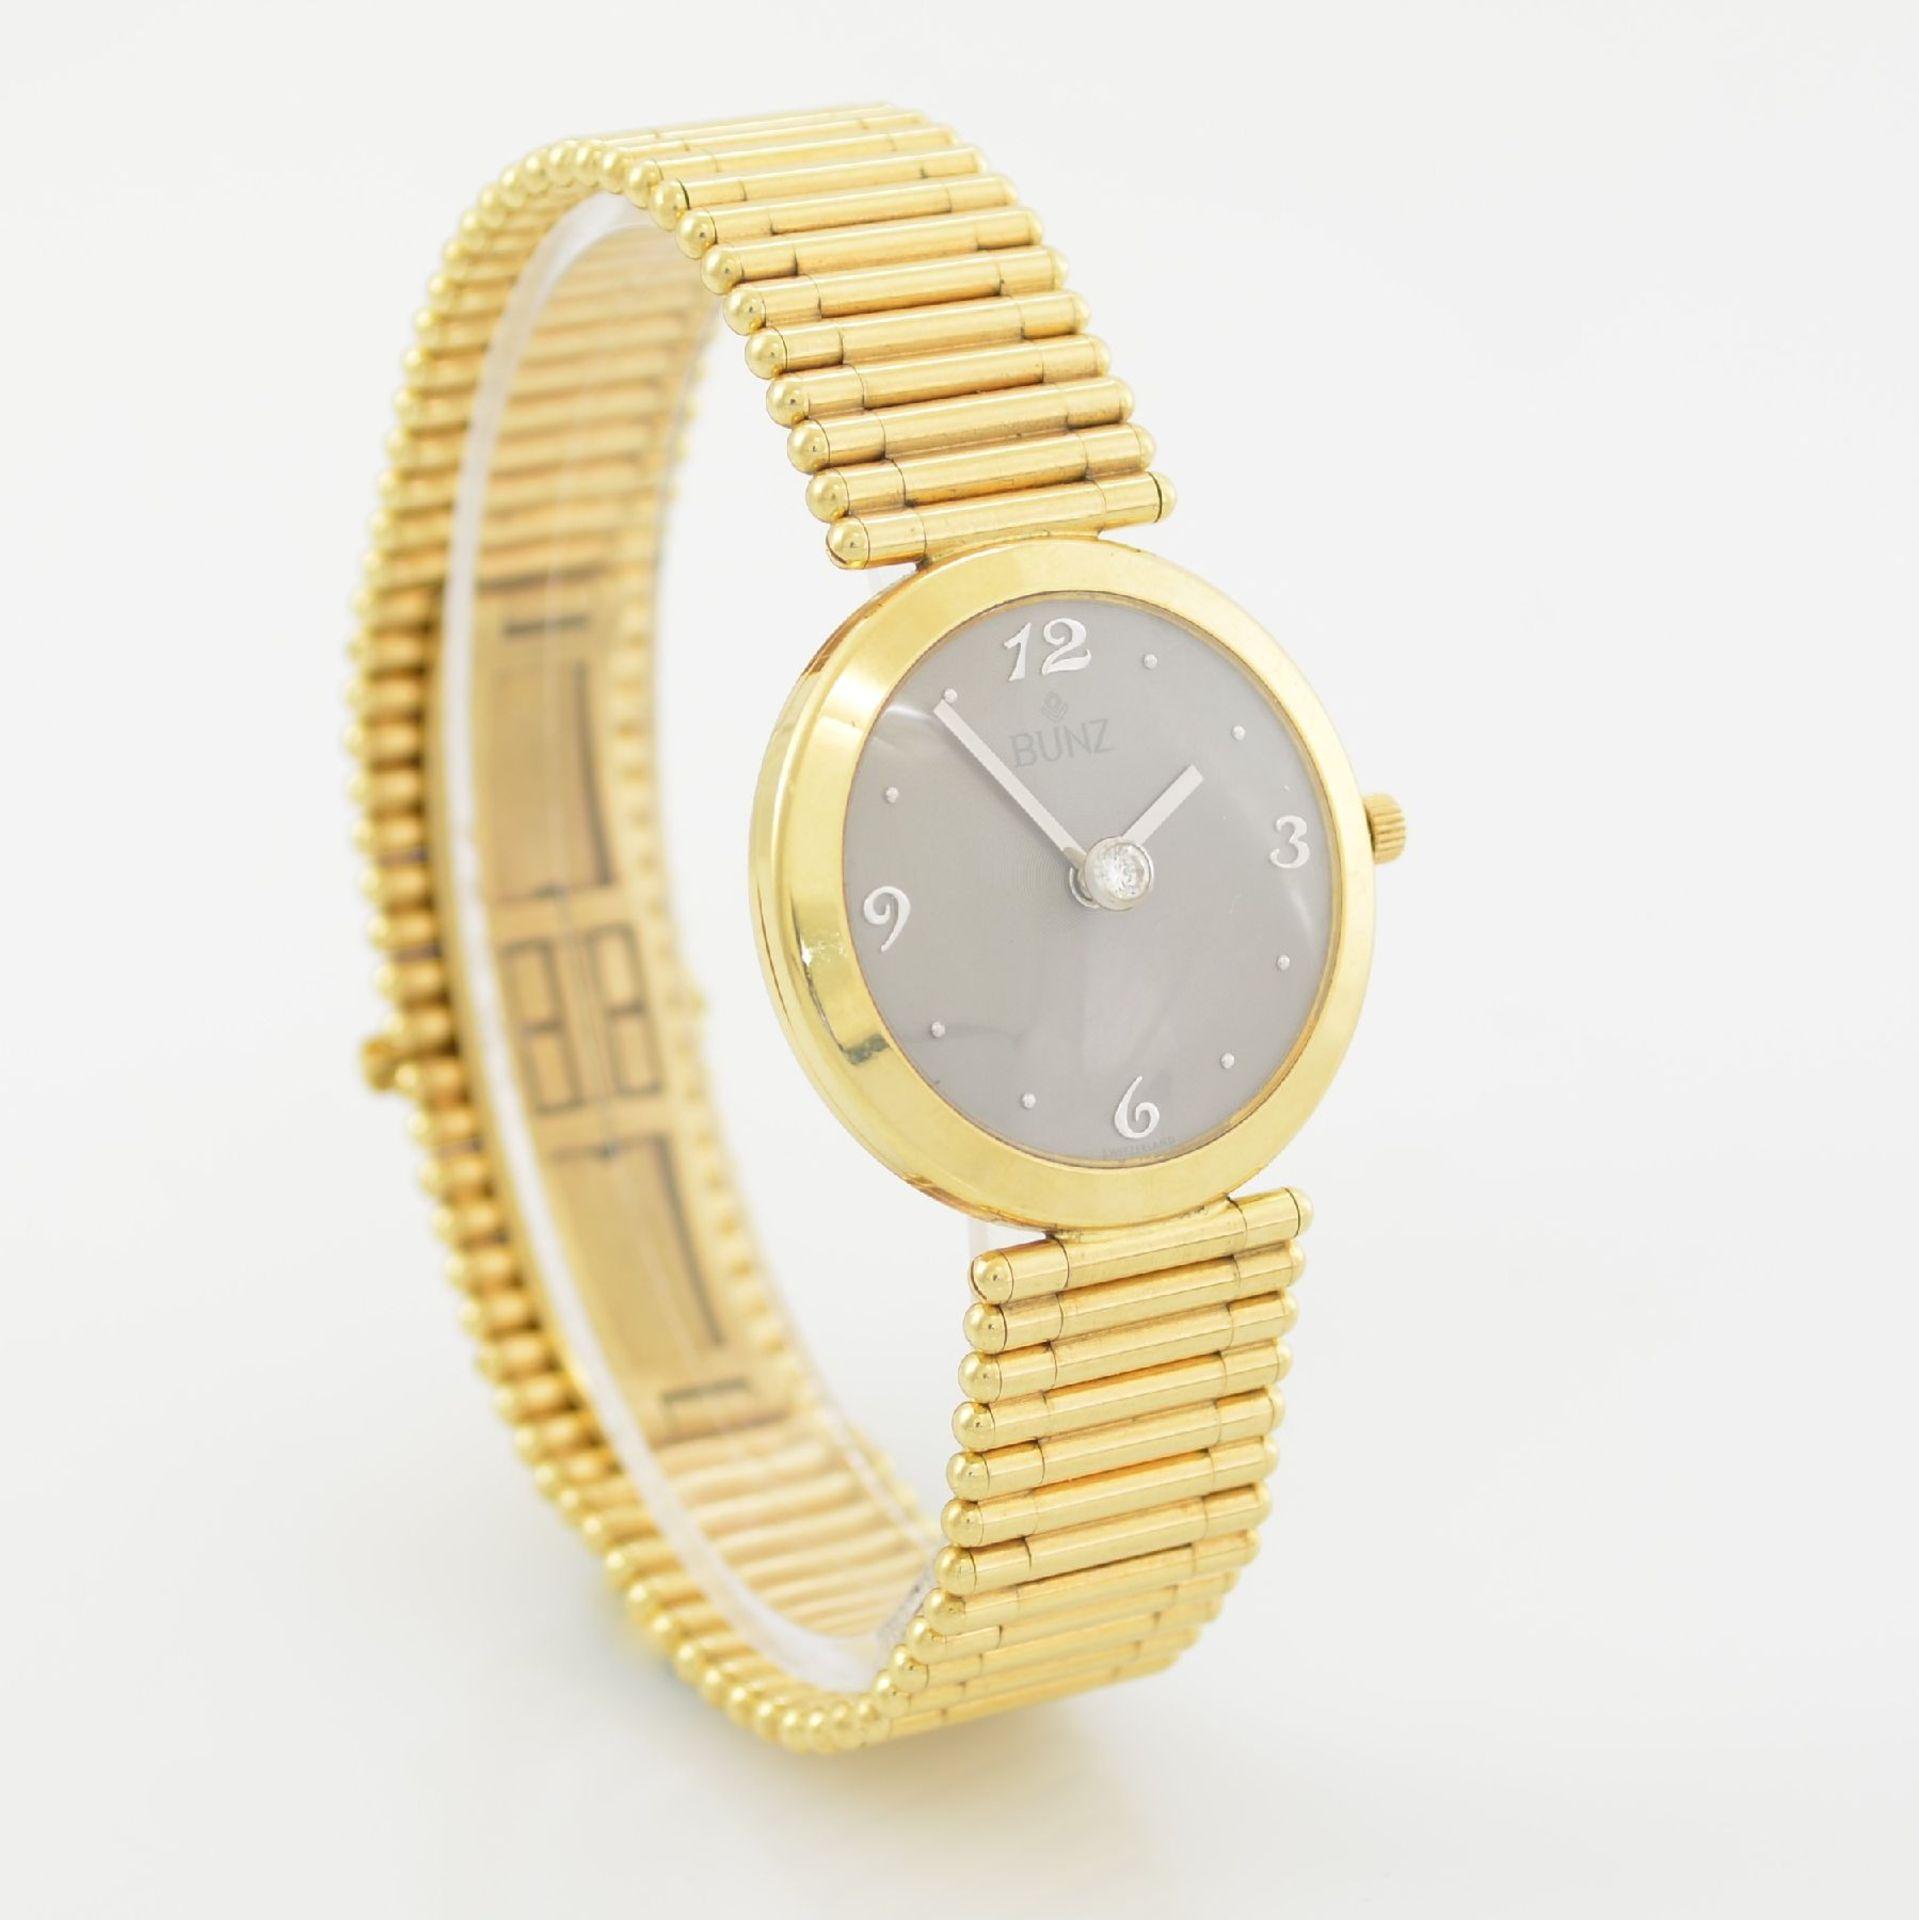 """BUNZ Damenarmbanduhr """"Diamondwatch"""" in GG 750/000, 5-fach verschr. Geh. mit integr. GG 750/000 - Bild 5 aus 9"""